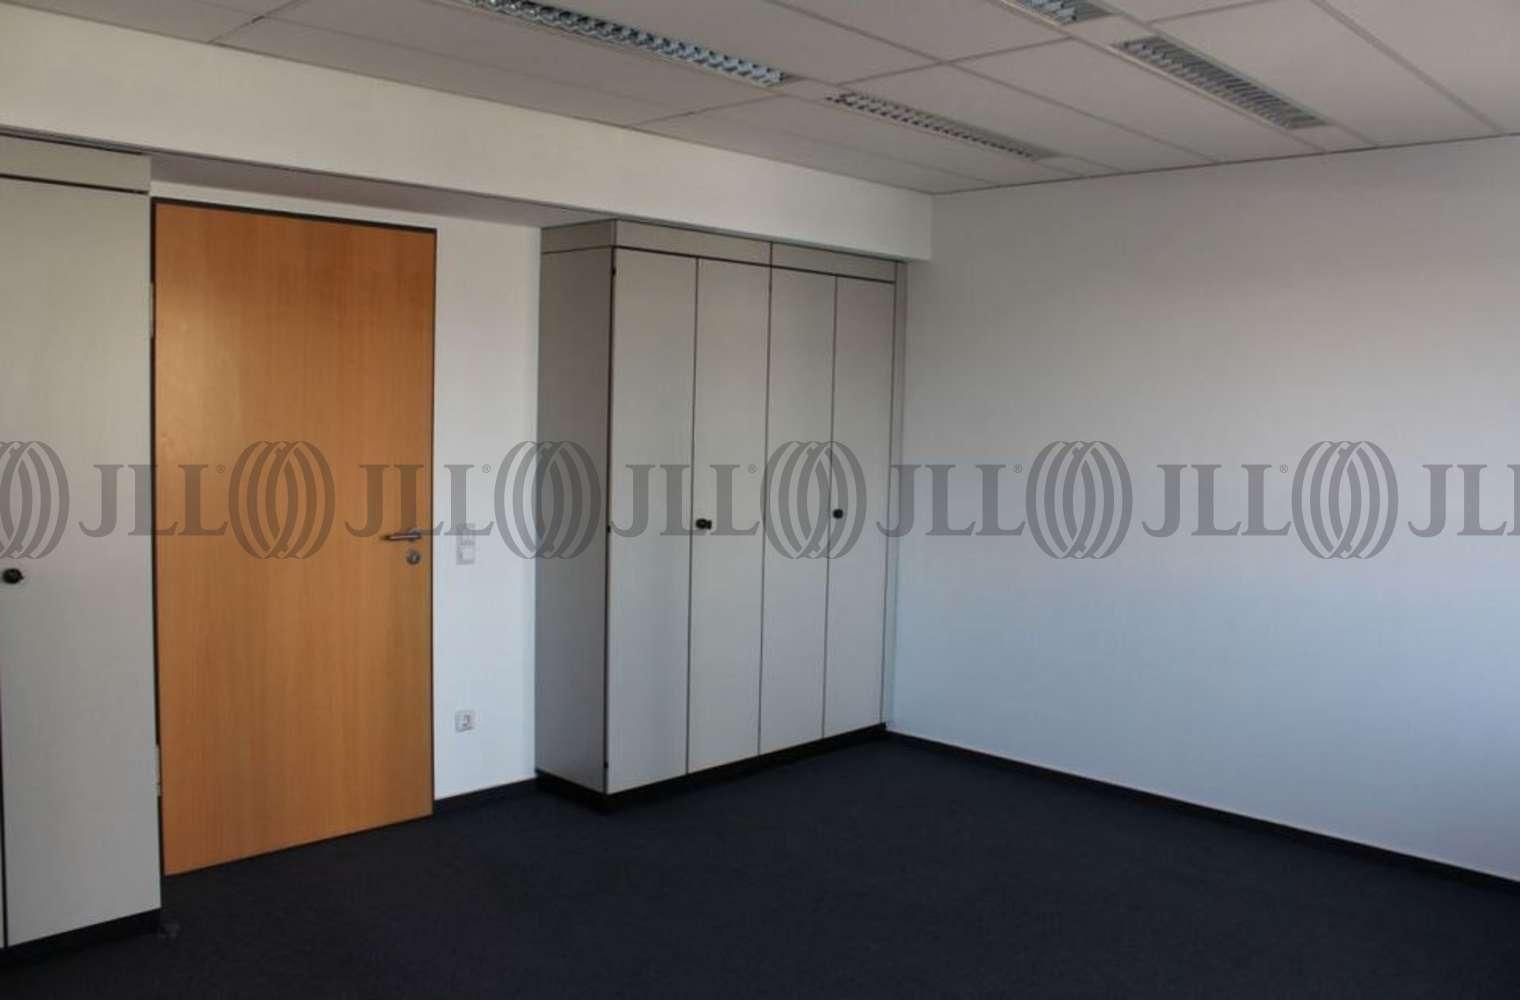 Büros Ludwigshafen am rhein, 67059 - Büro - Ludwigshafen am Rhein, Mitte - F1800 - 9887096